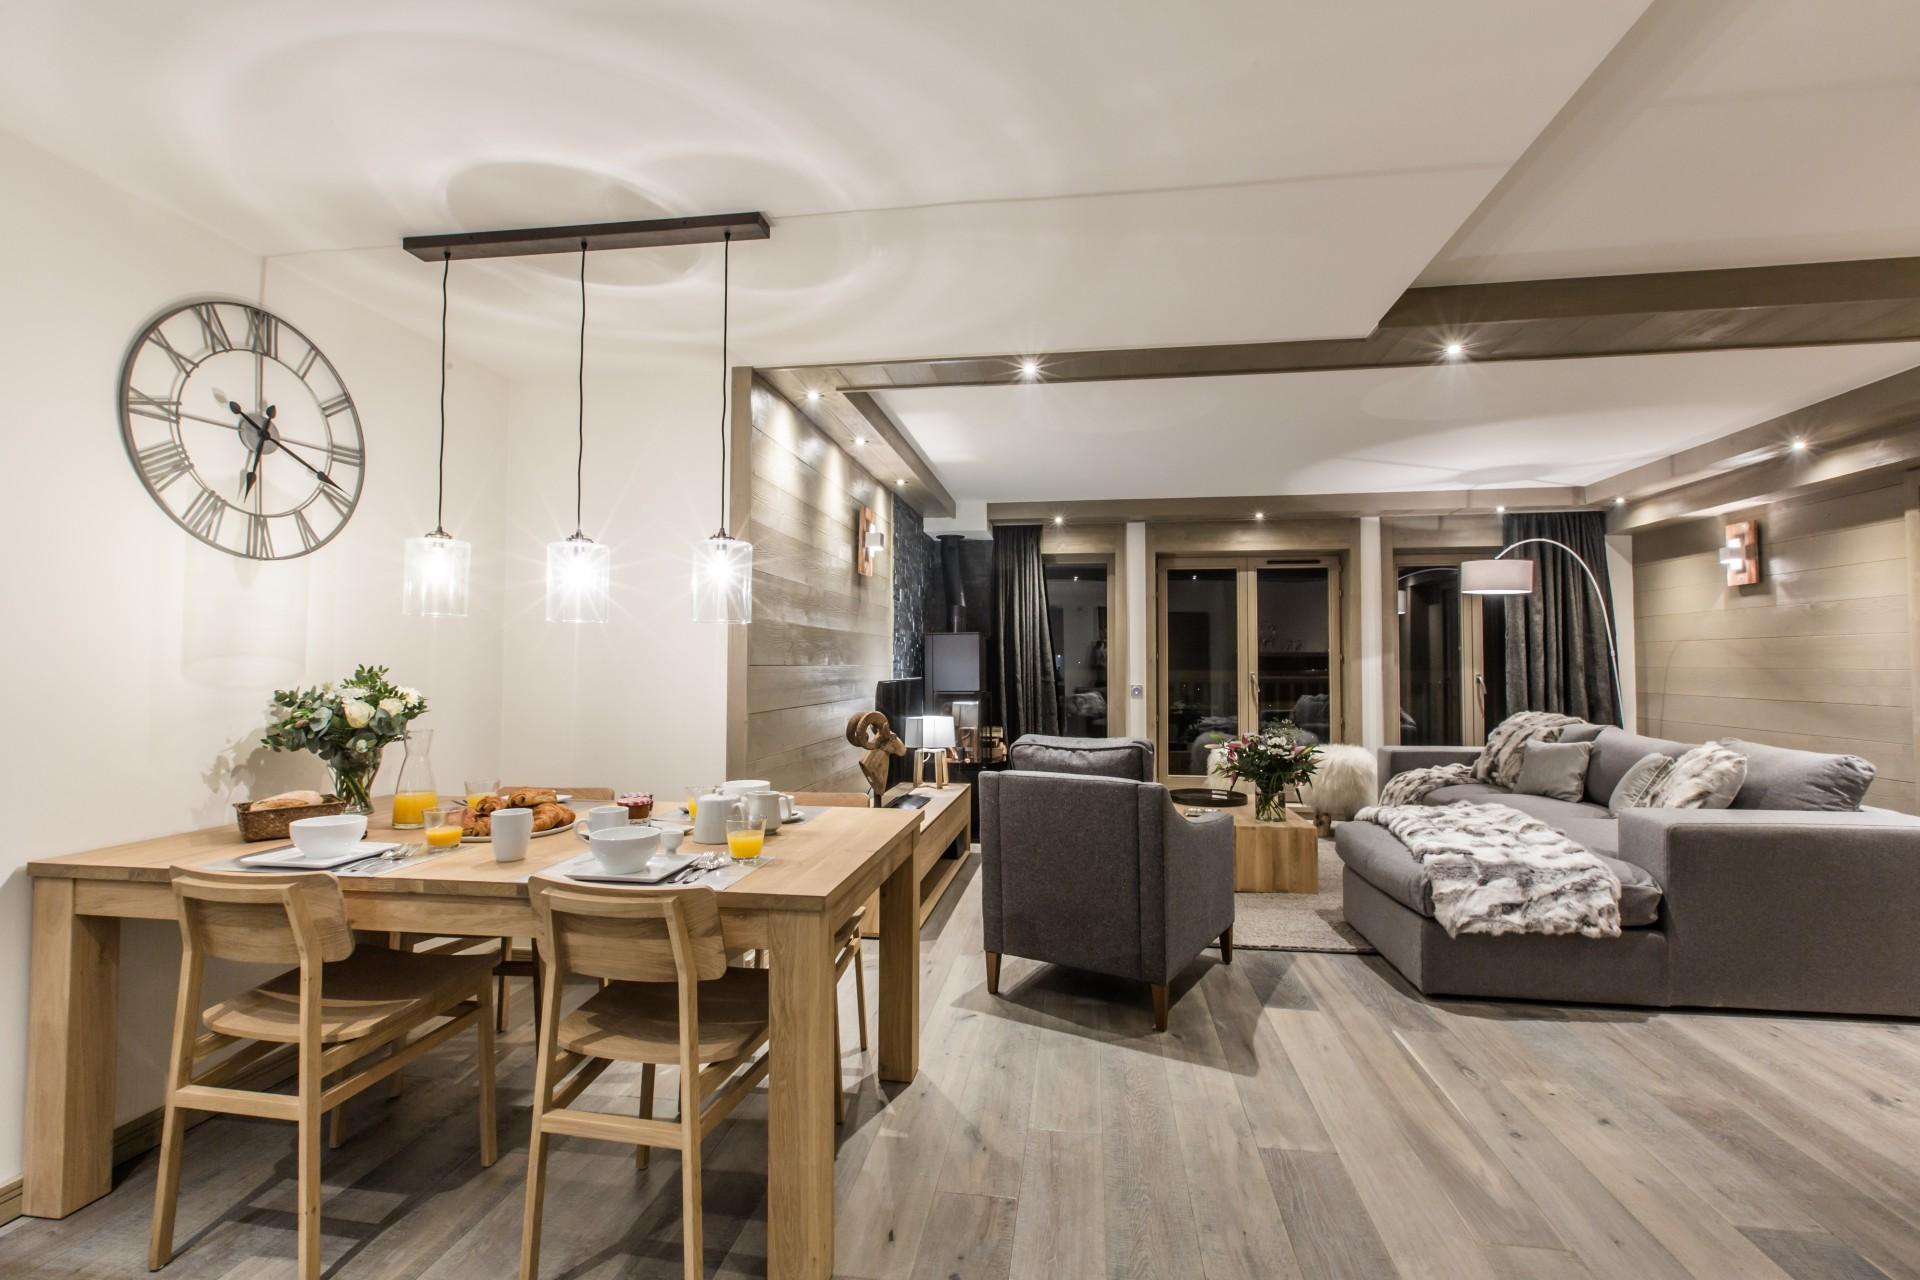 Courchevel 1650 Location Appartement Luxe Altara Séjour 4